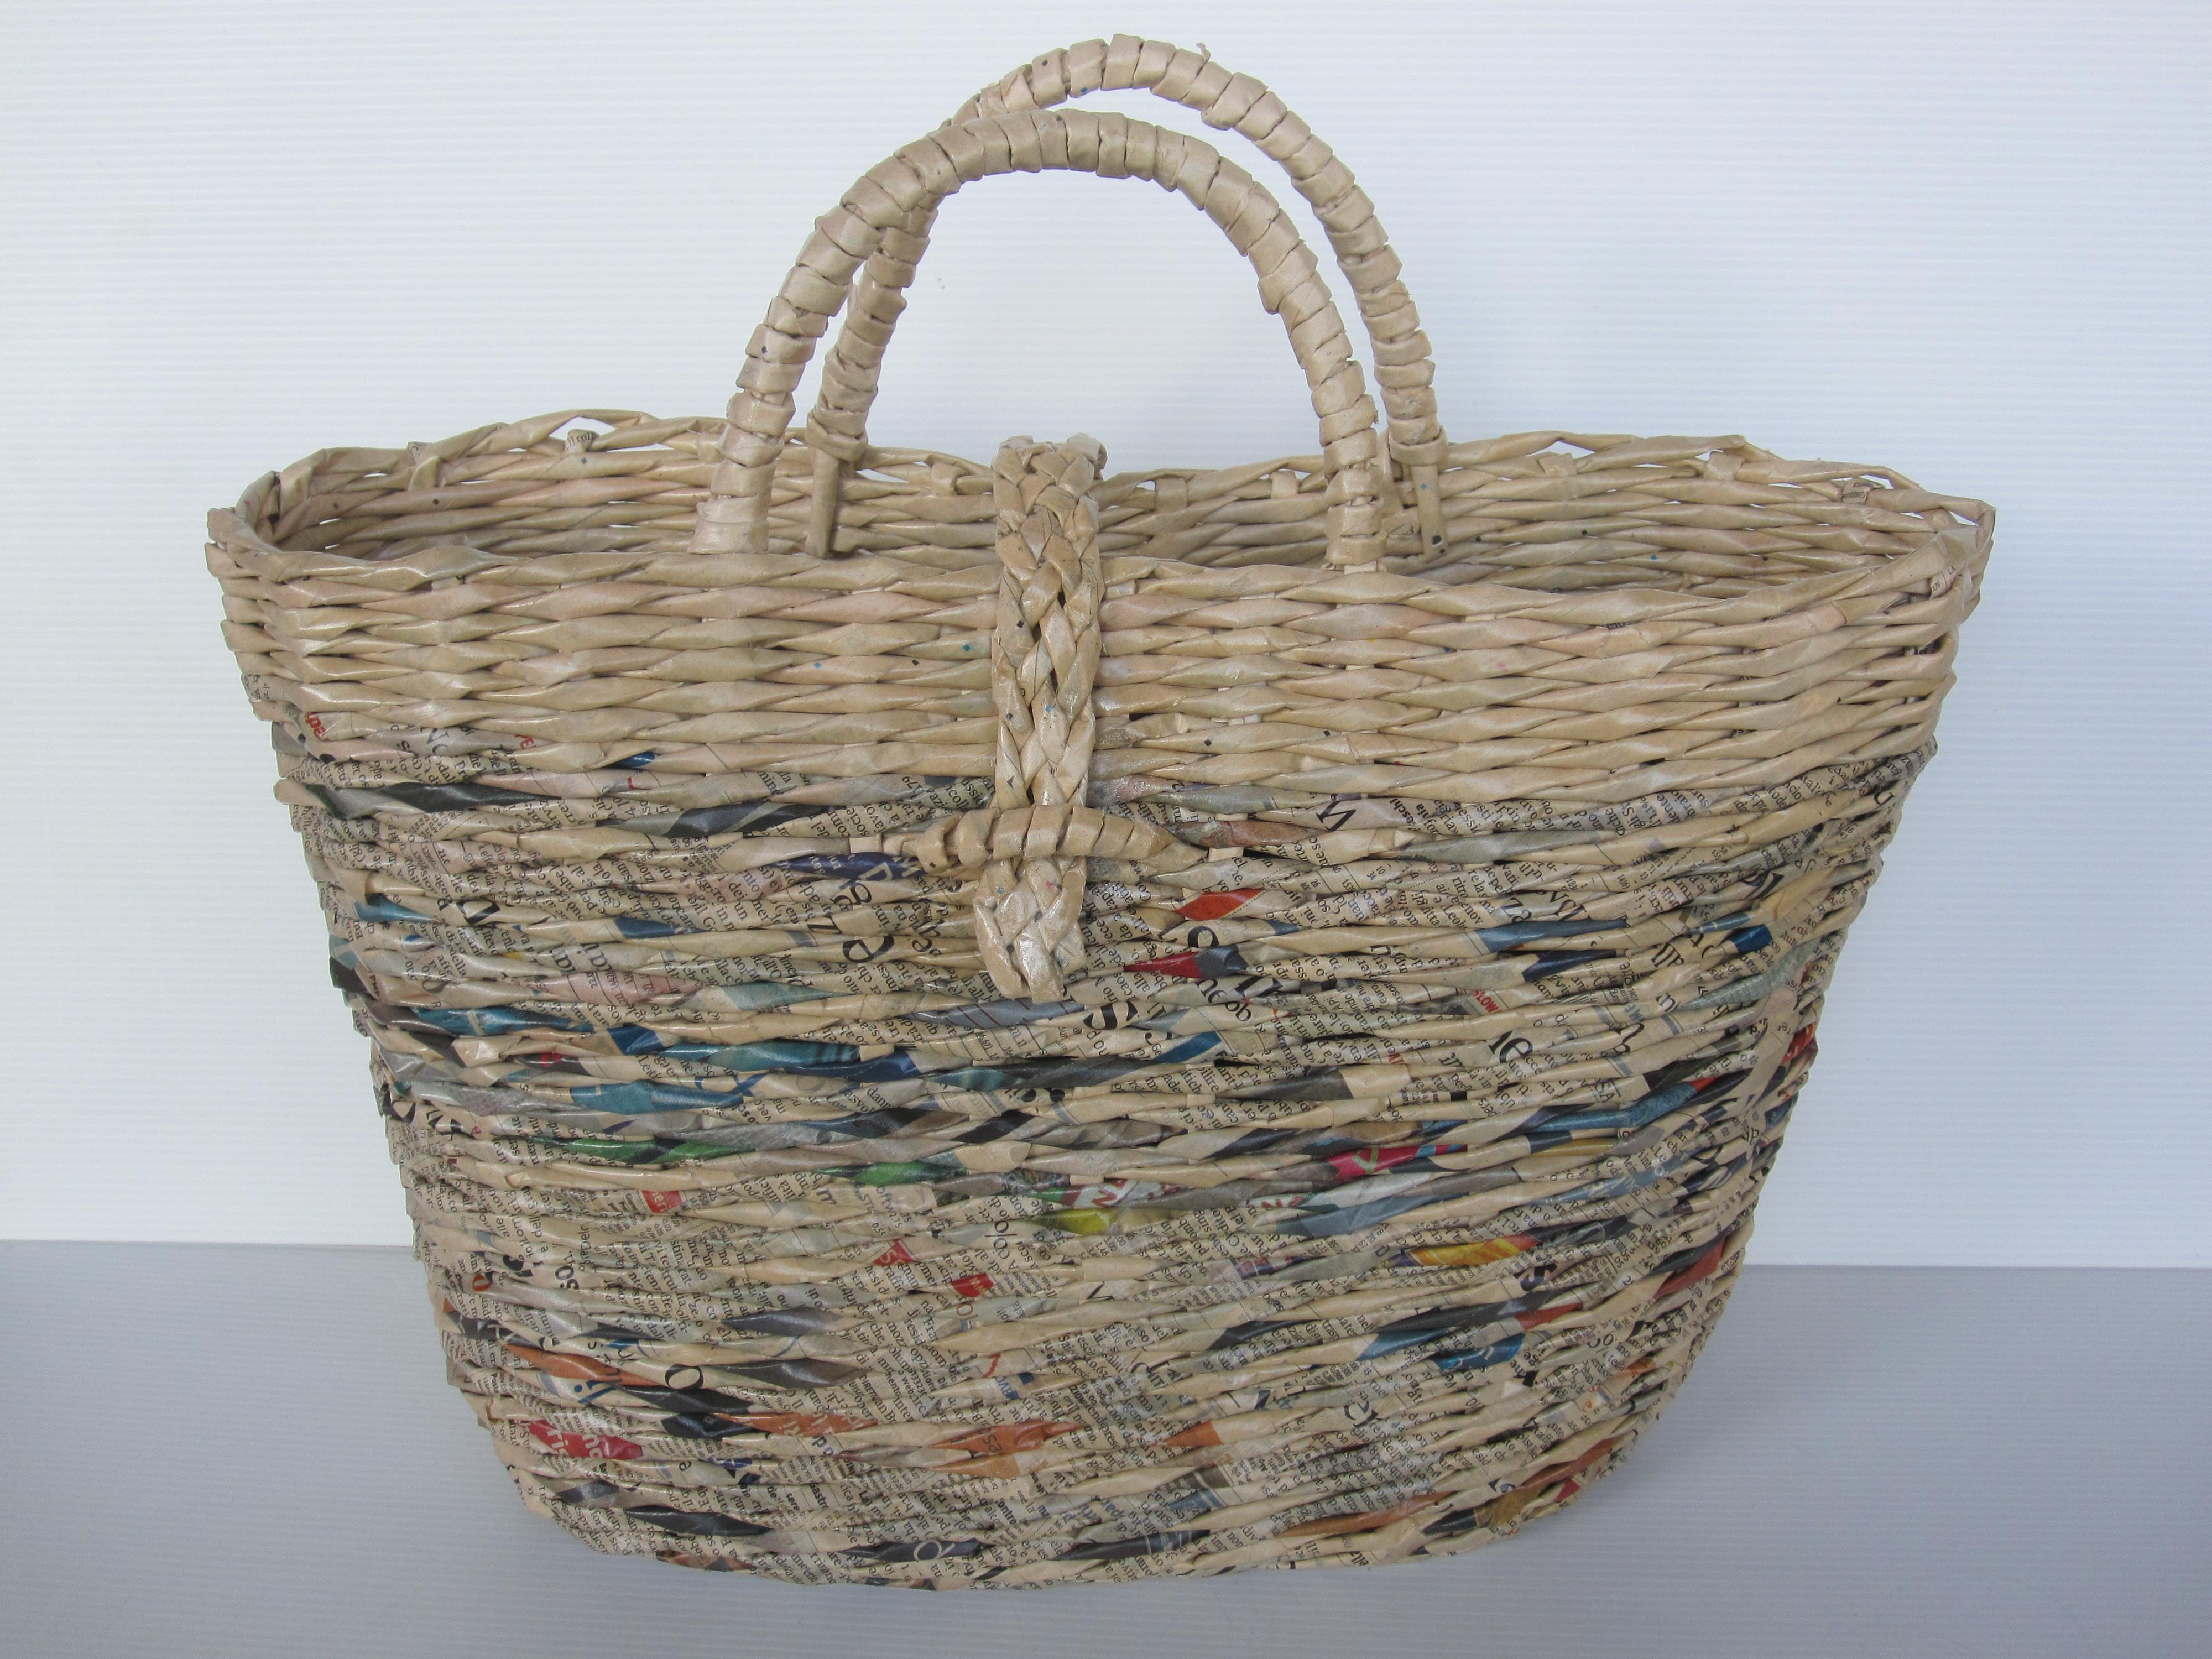 Borse Fatte A Mano Con Materiale Riciclato : Corso d intreccio base e avanzato con carta di riciclo